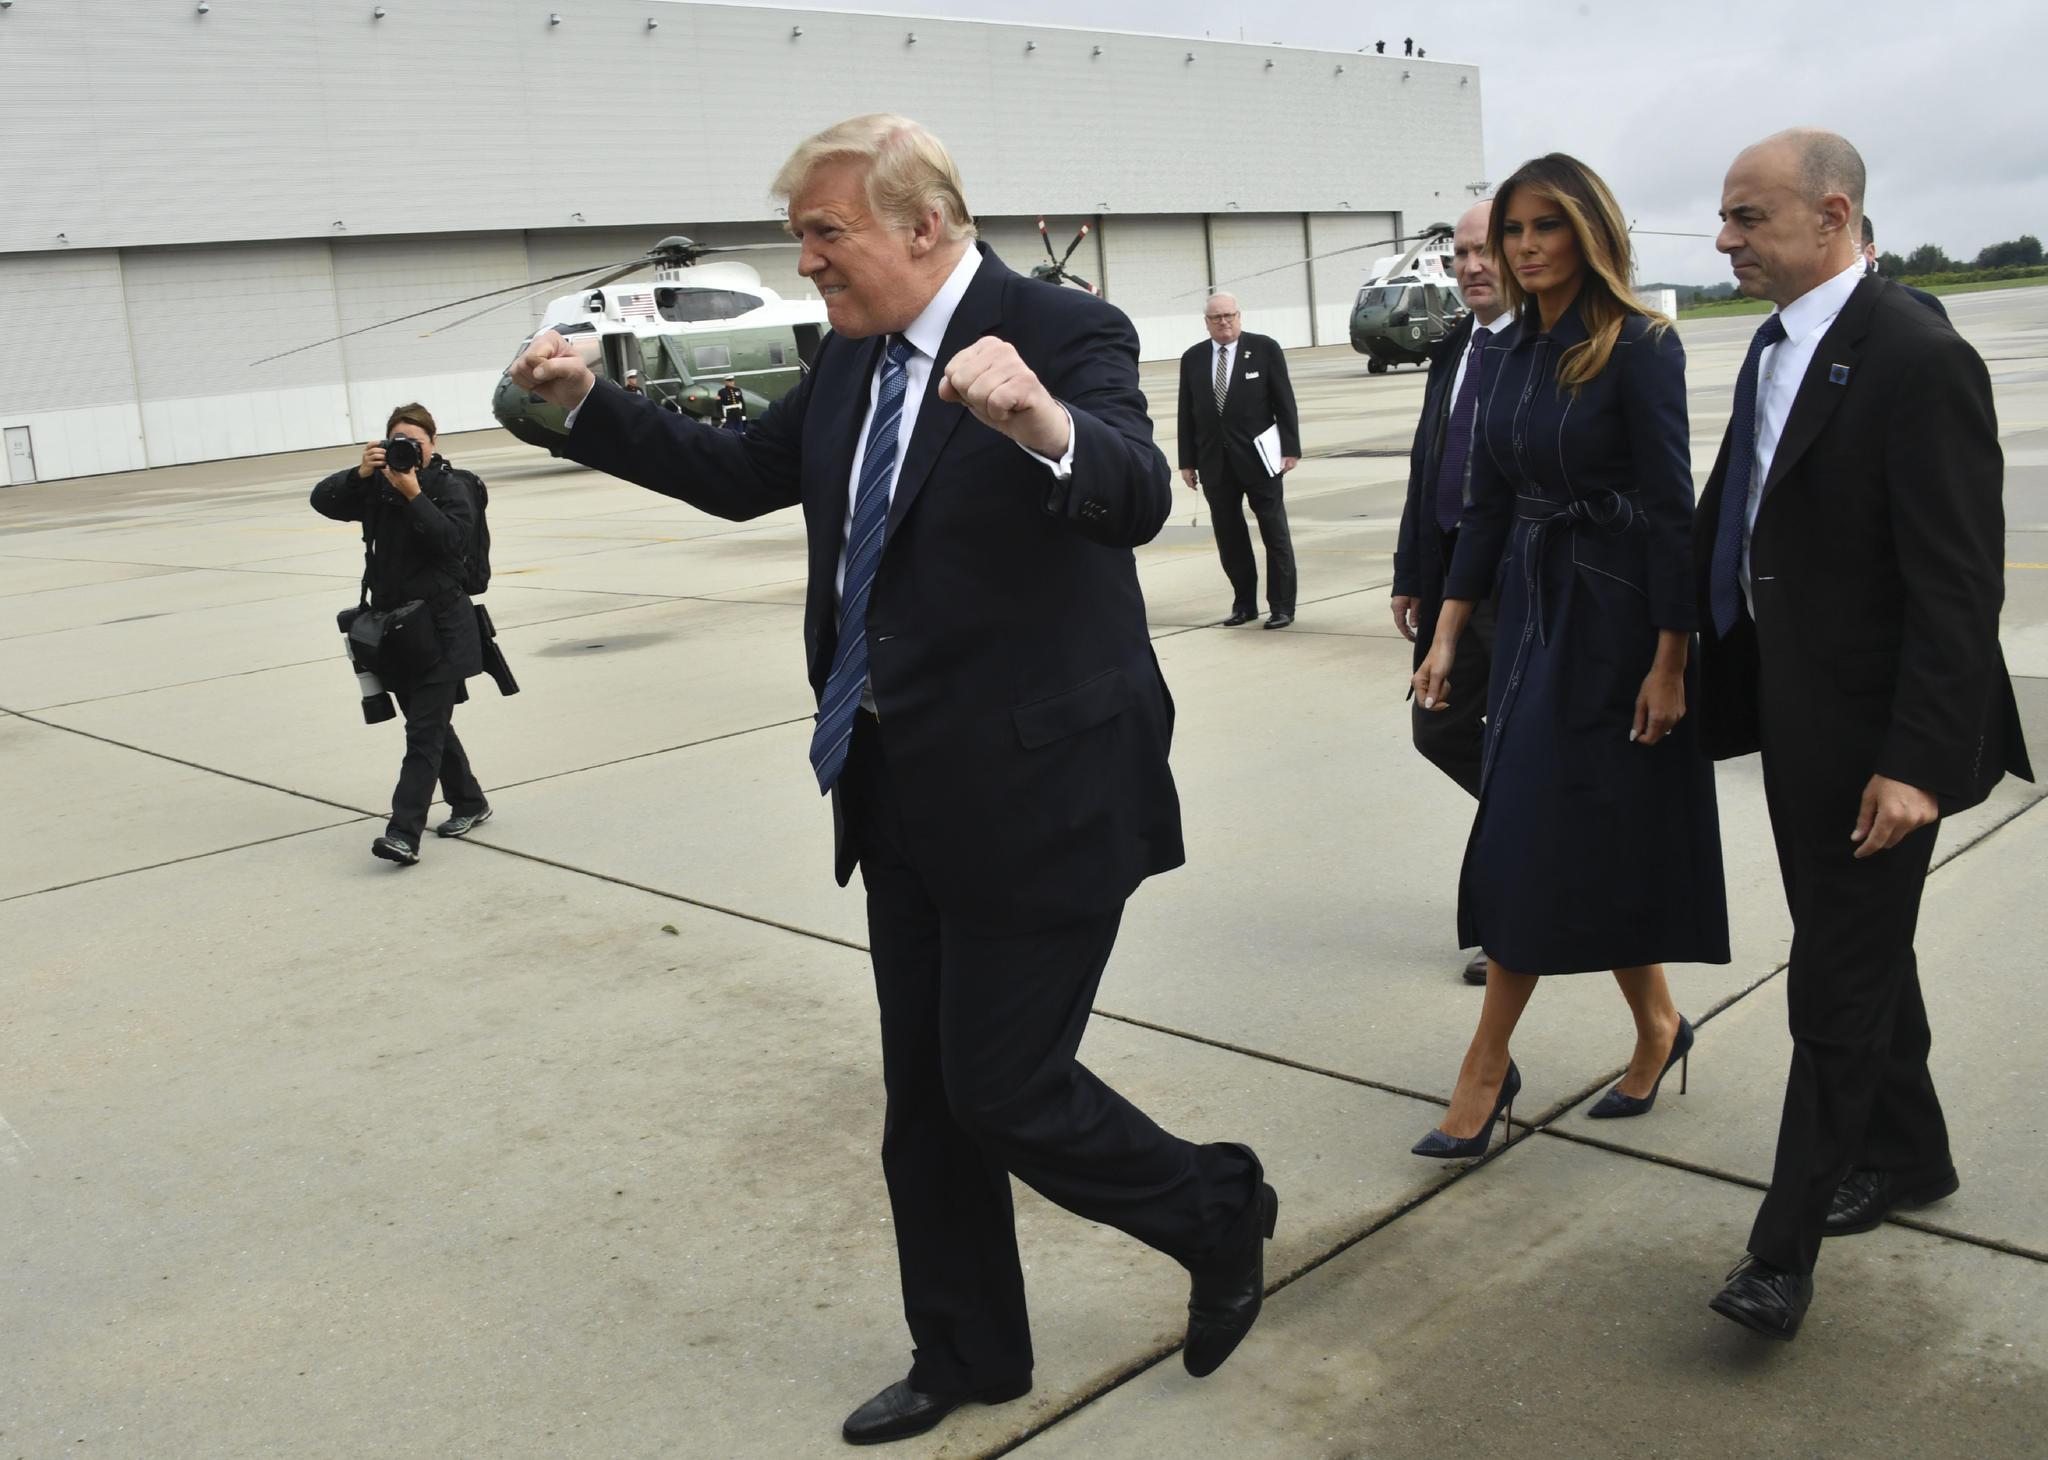 Donald Trump freut sich am 11. September, dem Jahrestag der Terroranschläge in New York,über Fans, die ihn an einem Flughafen in Pennsylvania begrüßen. Geschmacklos, finden viele Beobachter.